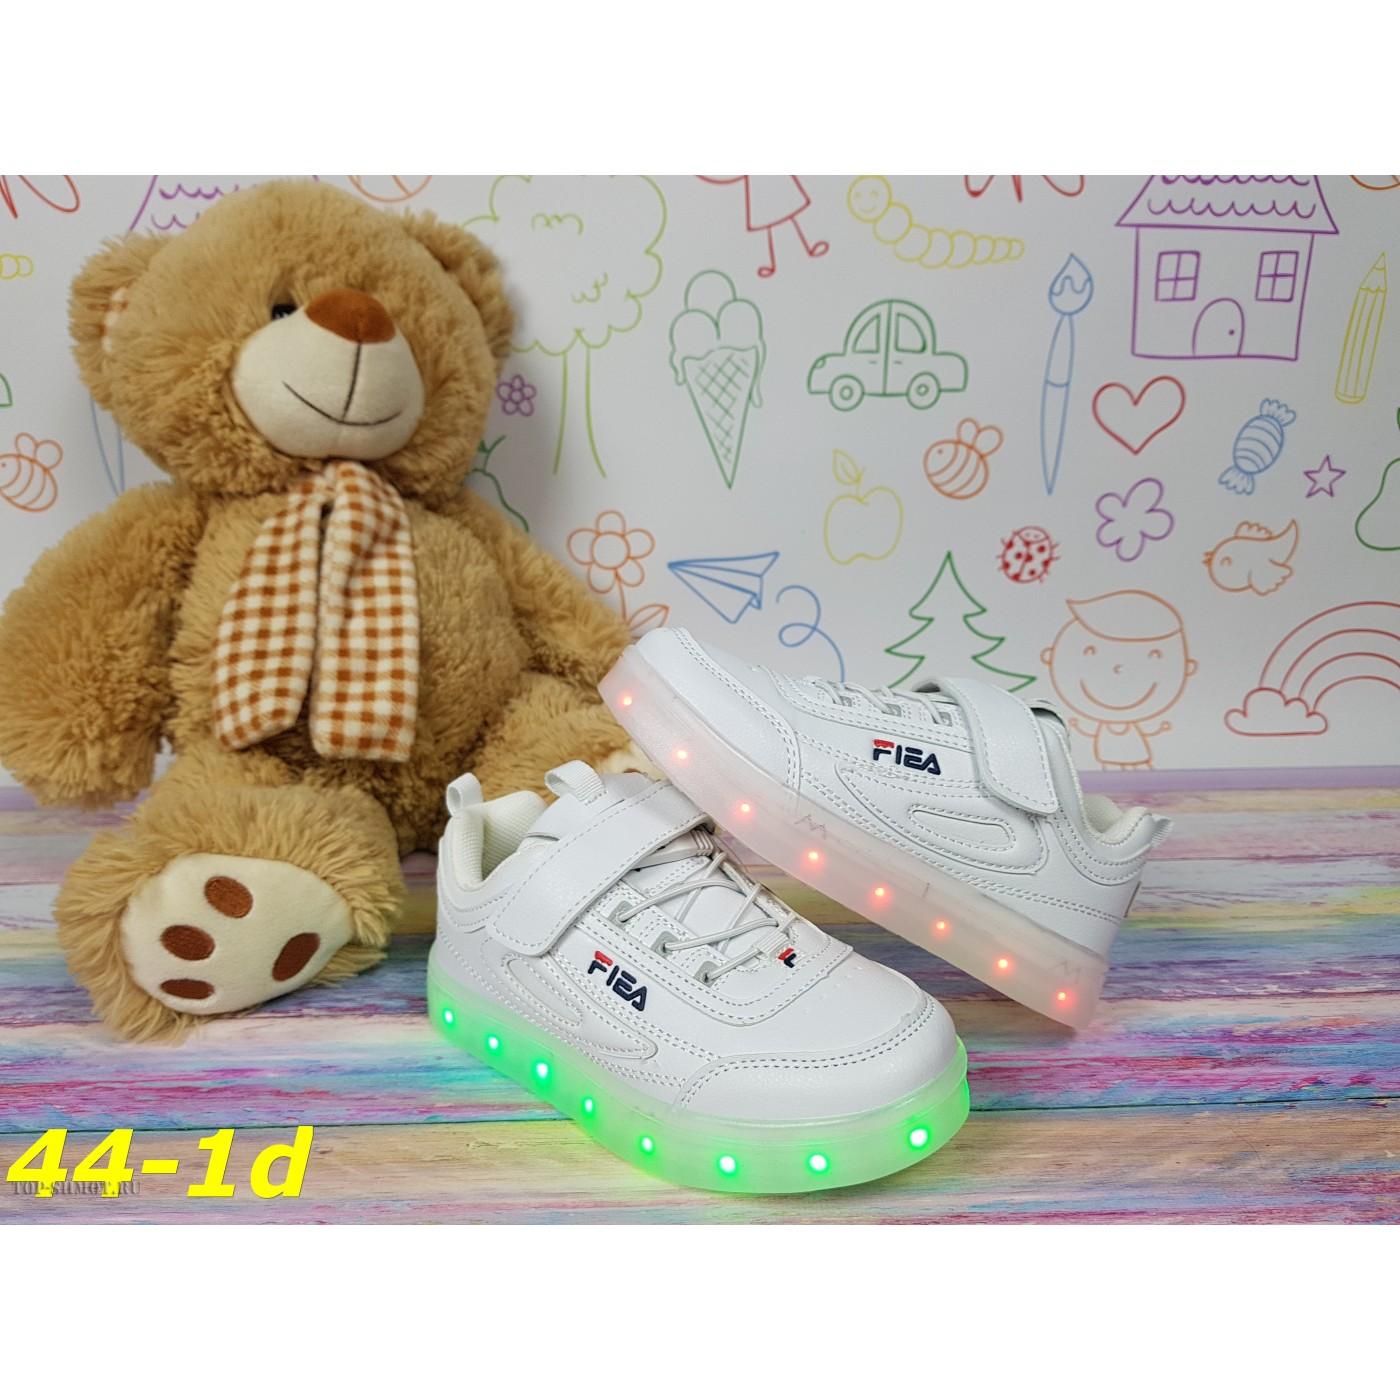 cc6bba74 Детские кроссовки белые фила светящиеся с подсветкой Led подростковые